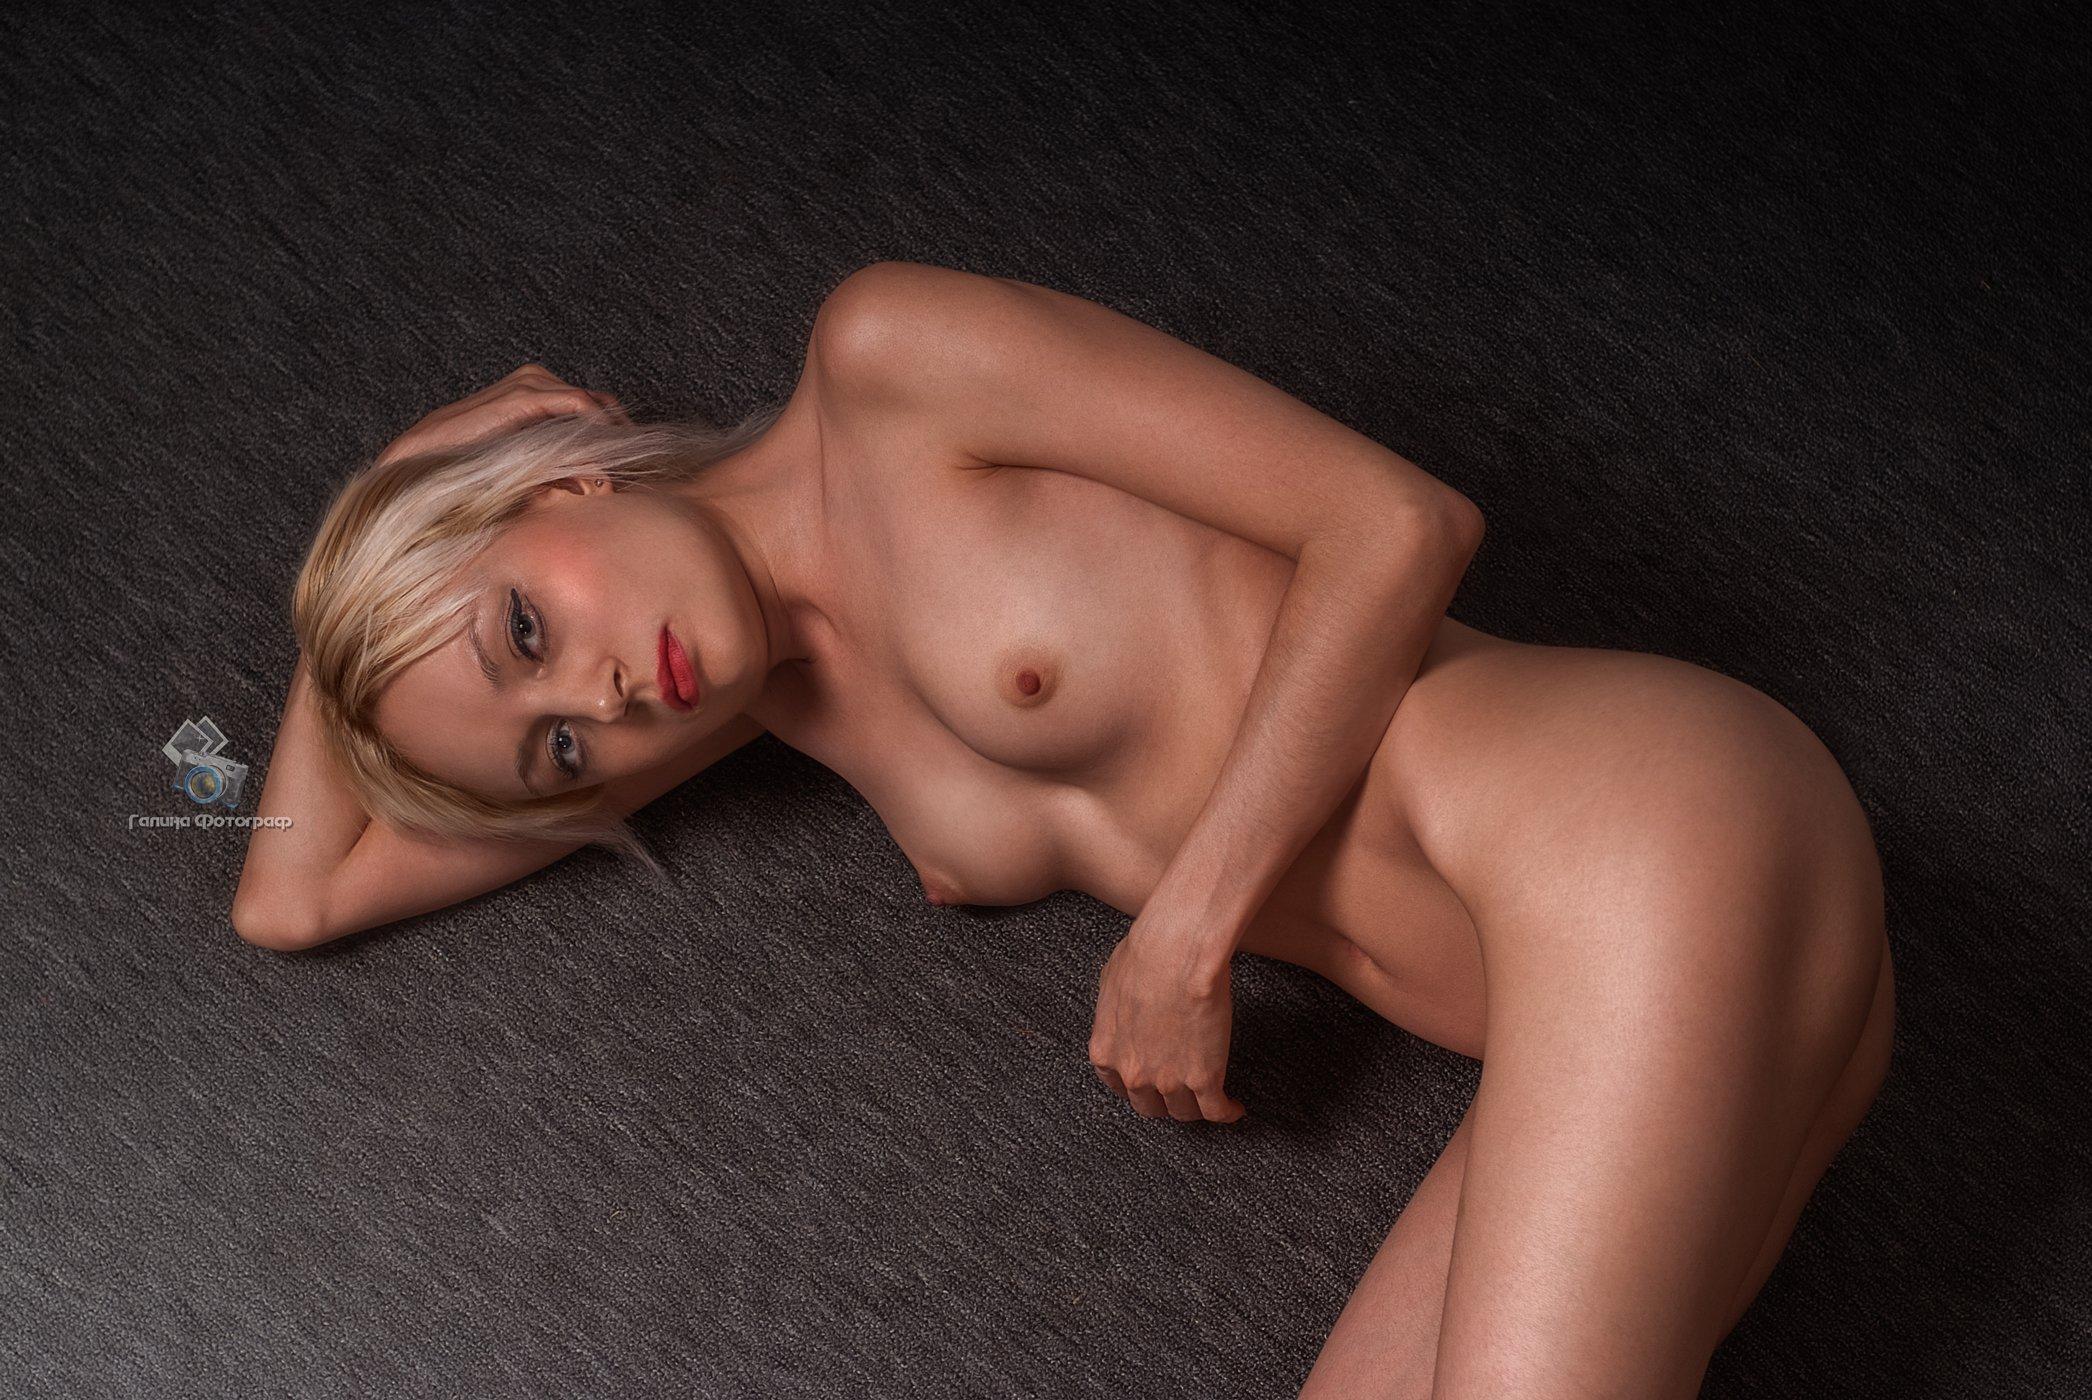 art nu,  photo, photography, eroticism, sexual, artistic erotica, girl, naked body, nude, nu, топлес, фотохудожники, художественная фотография, ретушь, эротика, ню, обнажённое тело, топлес, сексуальность, фотосессии в краснодаре, Галя